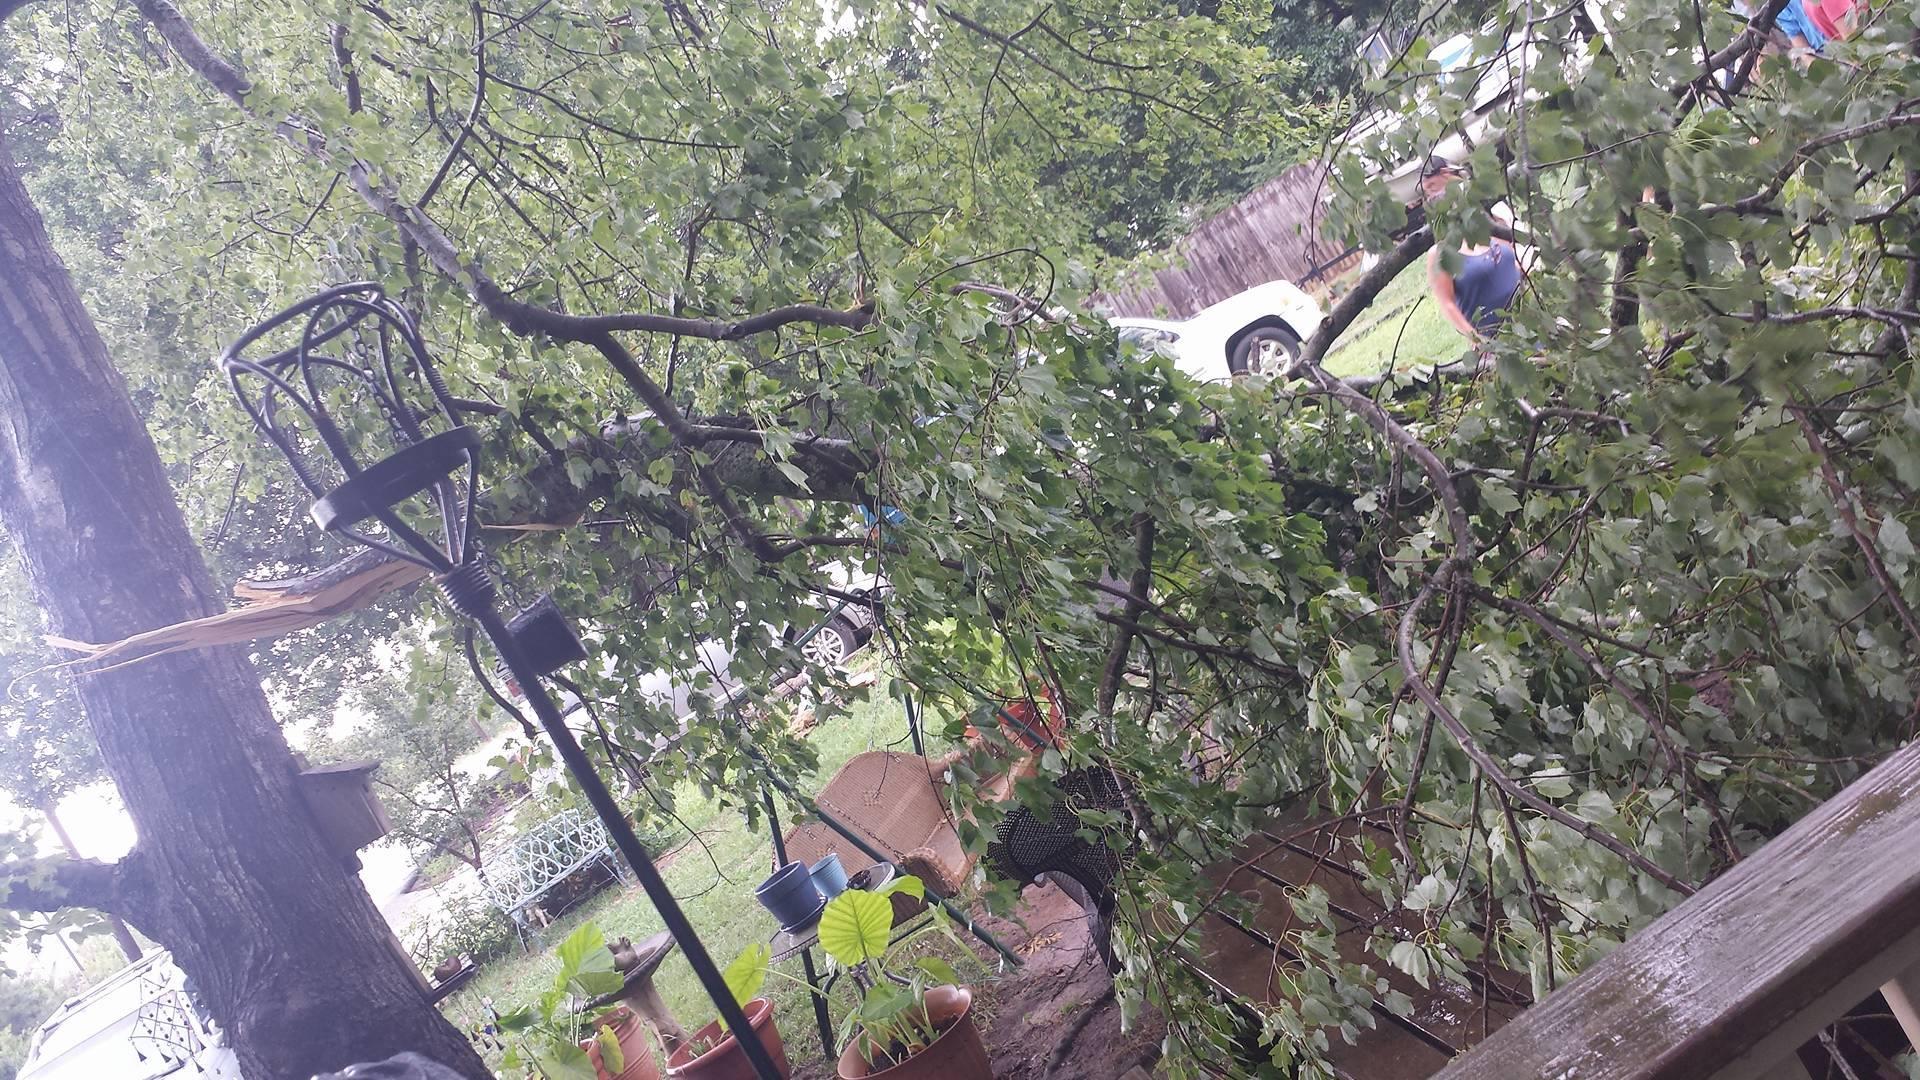 Downed silver maple tree near Cherrydale (Source: Kacie Garrett)